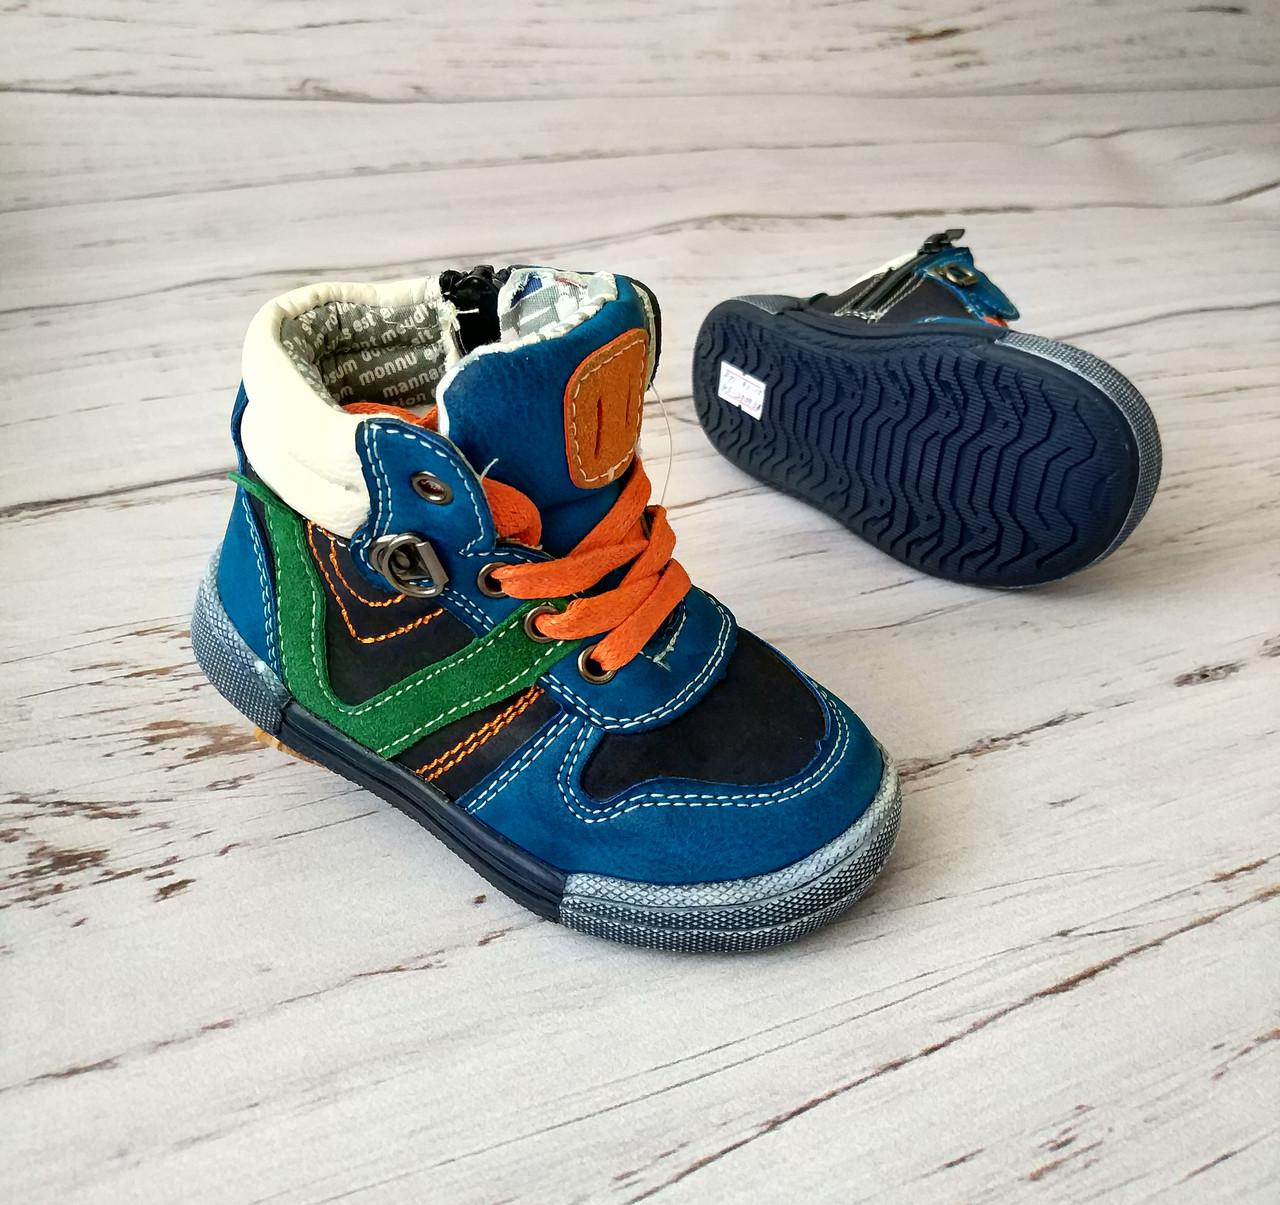 9d5ffcc6 Обувь для мальчиков, детские ботики синие, Солнце - mioBambino Интернет  магазин детской обуви в